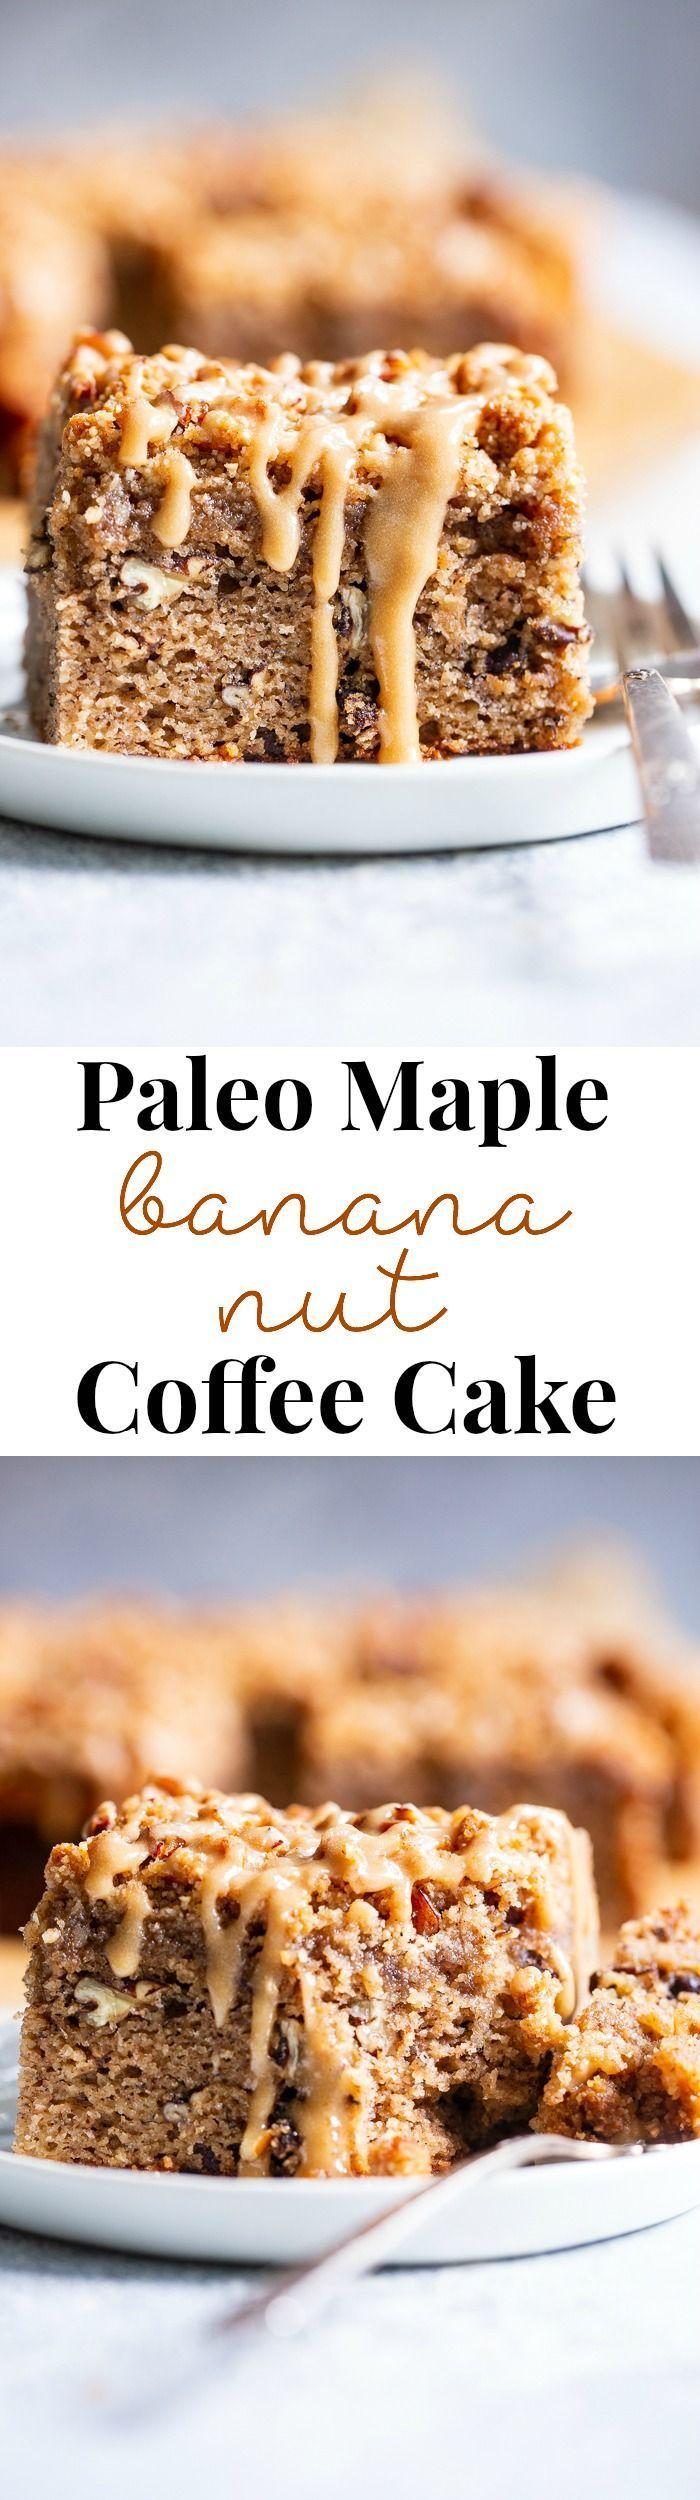 Bananen-Nuss-Kaffee-Torte {Paleo} Diese verträumte Zimt-Zucker-Bananen-Nuss-Kaffee-Torte … …